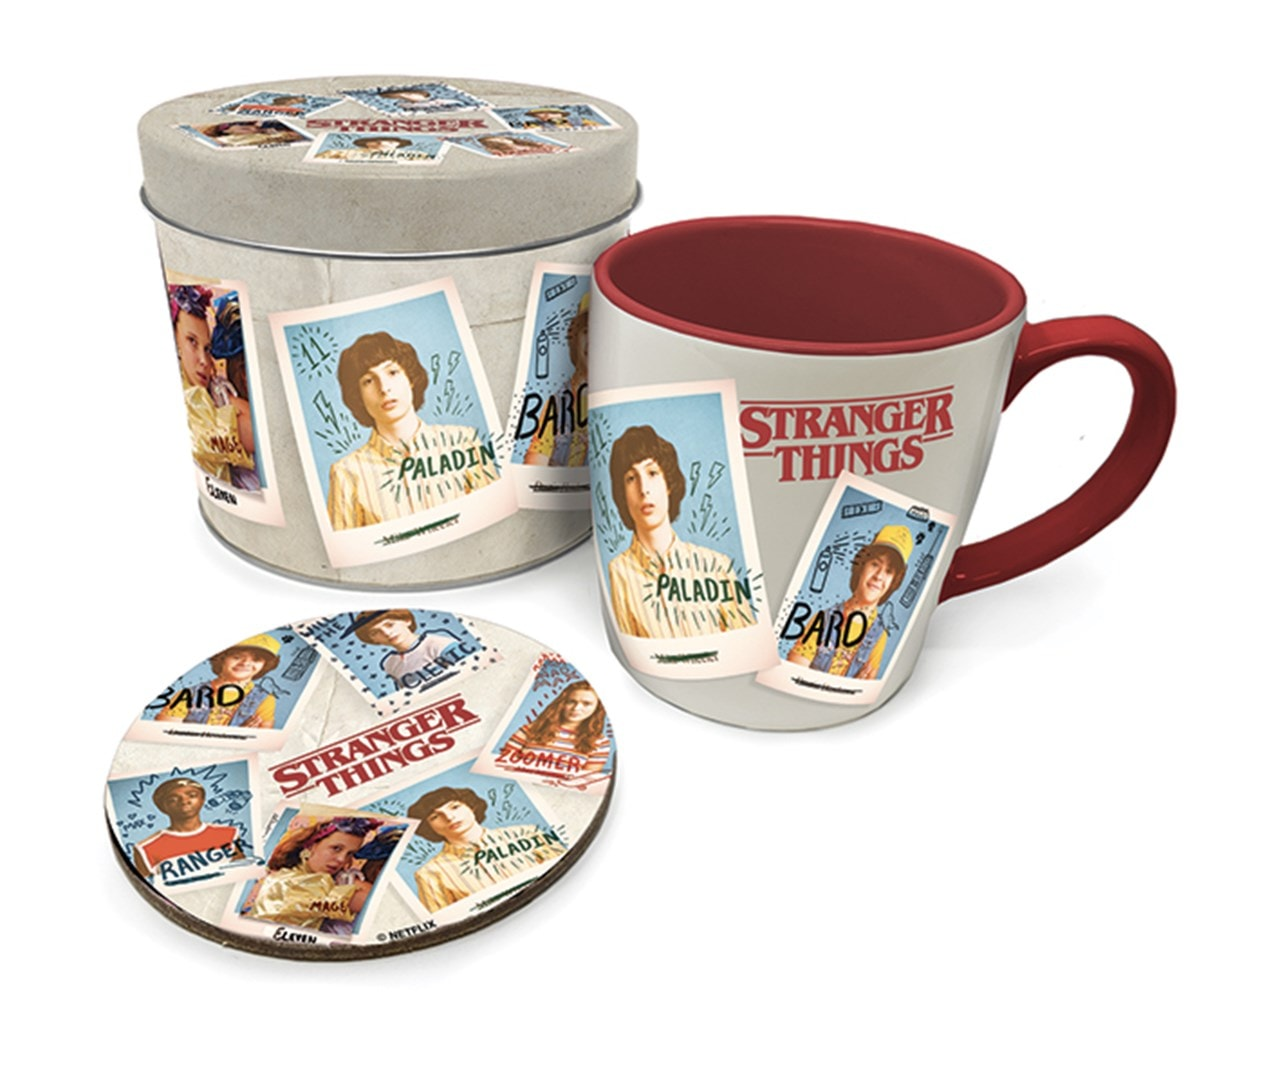 Stranger Things Mug Gift Set in Tin - 1